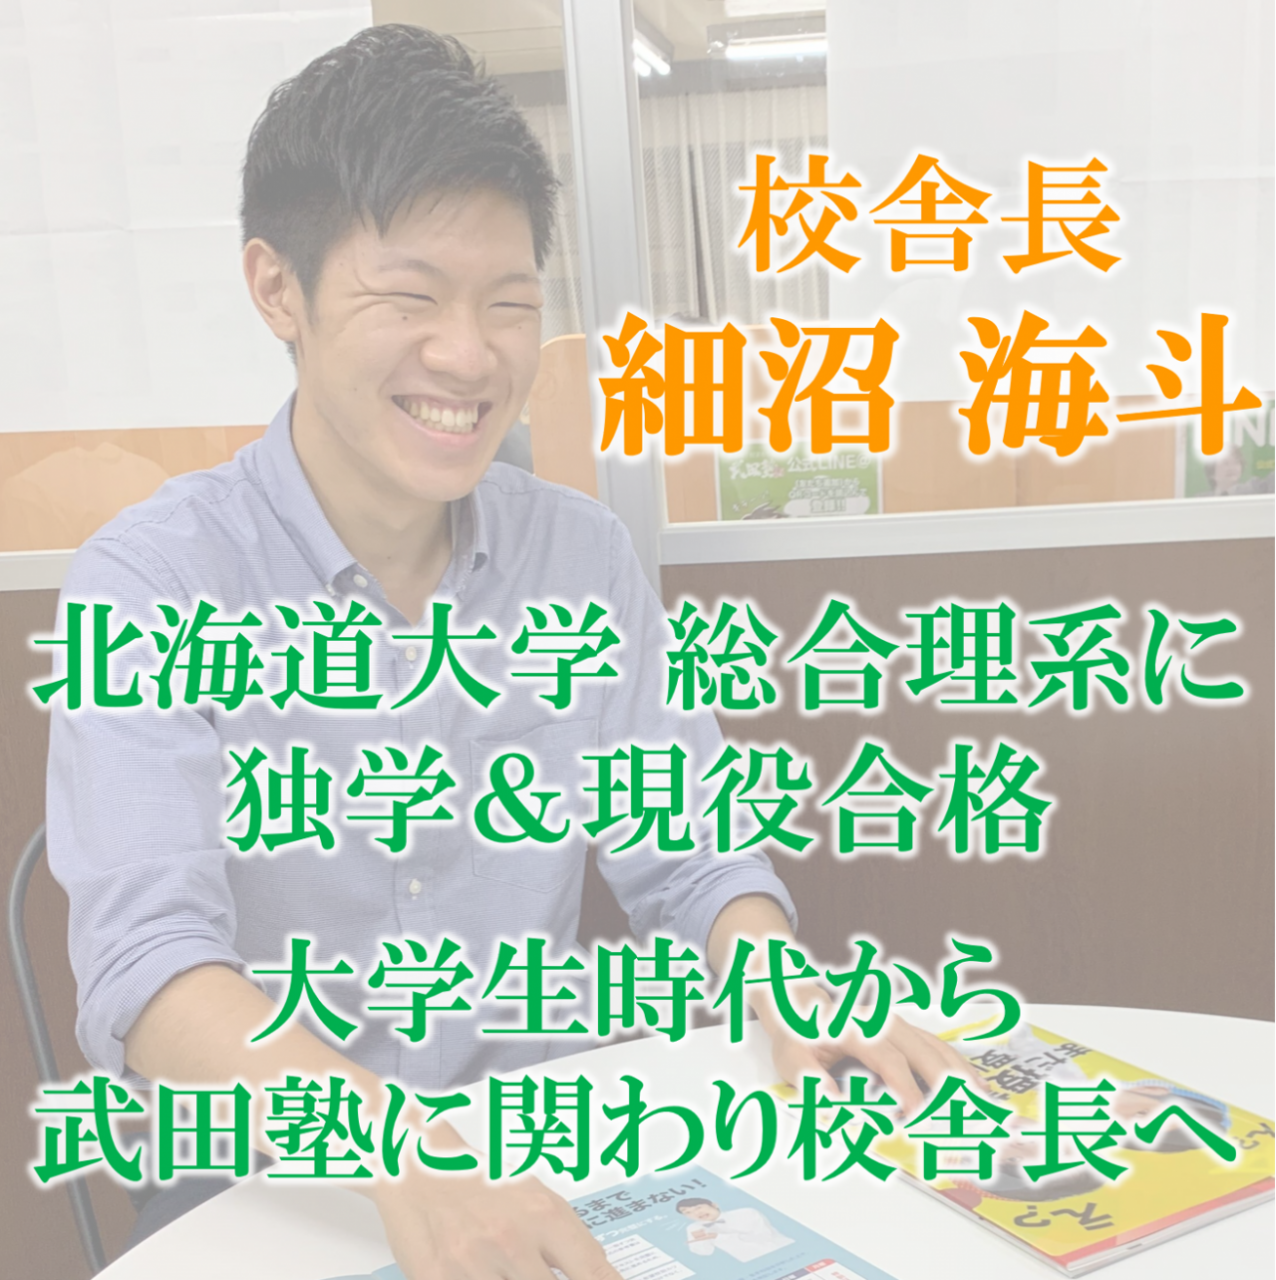 細沼_ブログ用